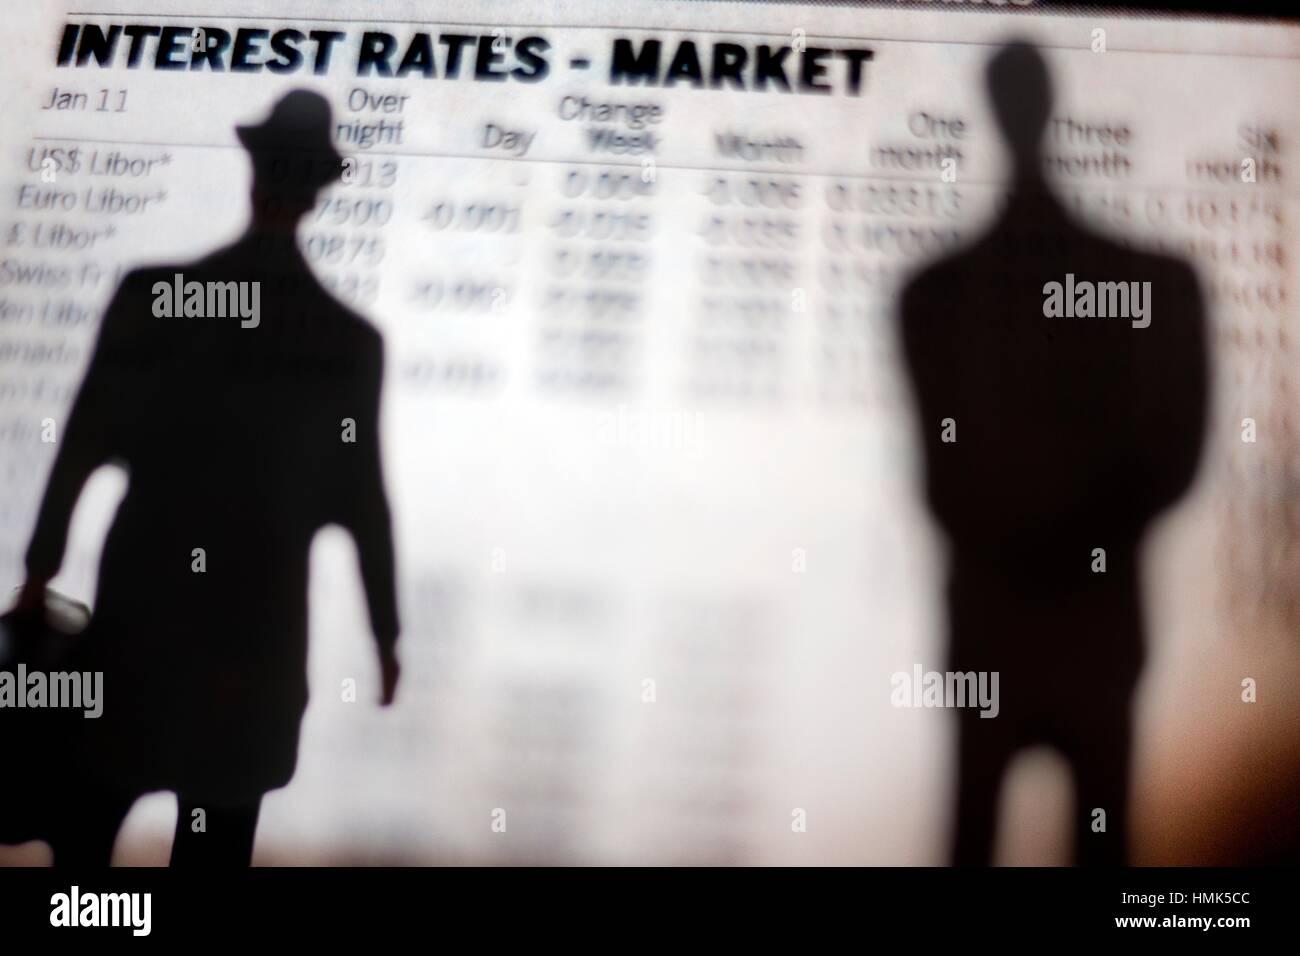 Las tasas de interés, el mercado, intereses, mercado. Foto de stock